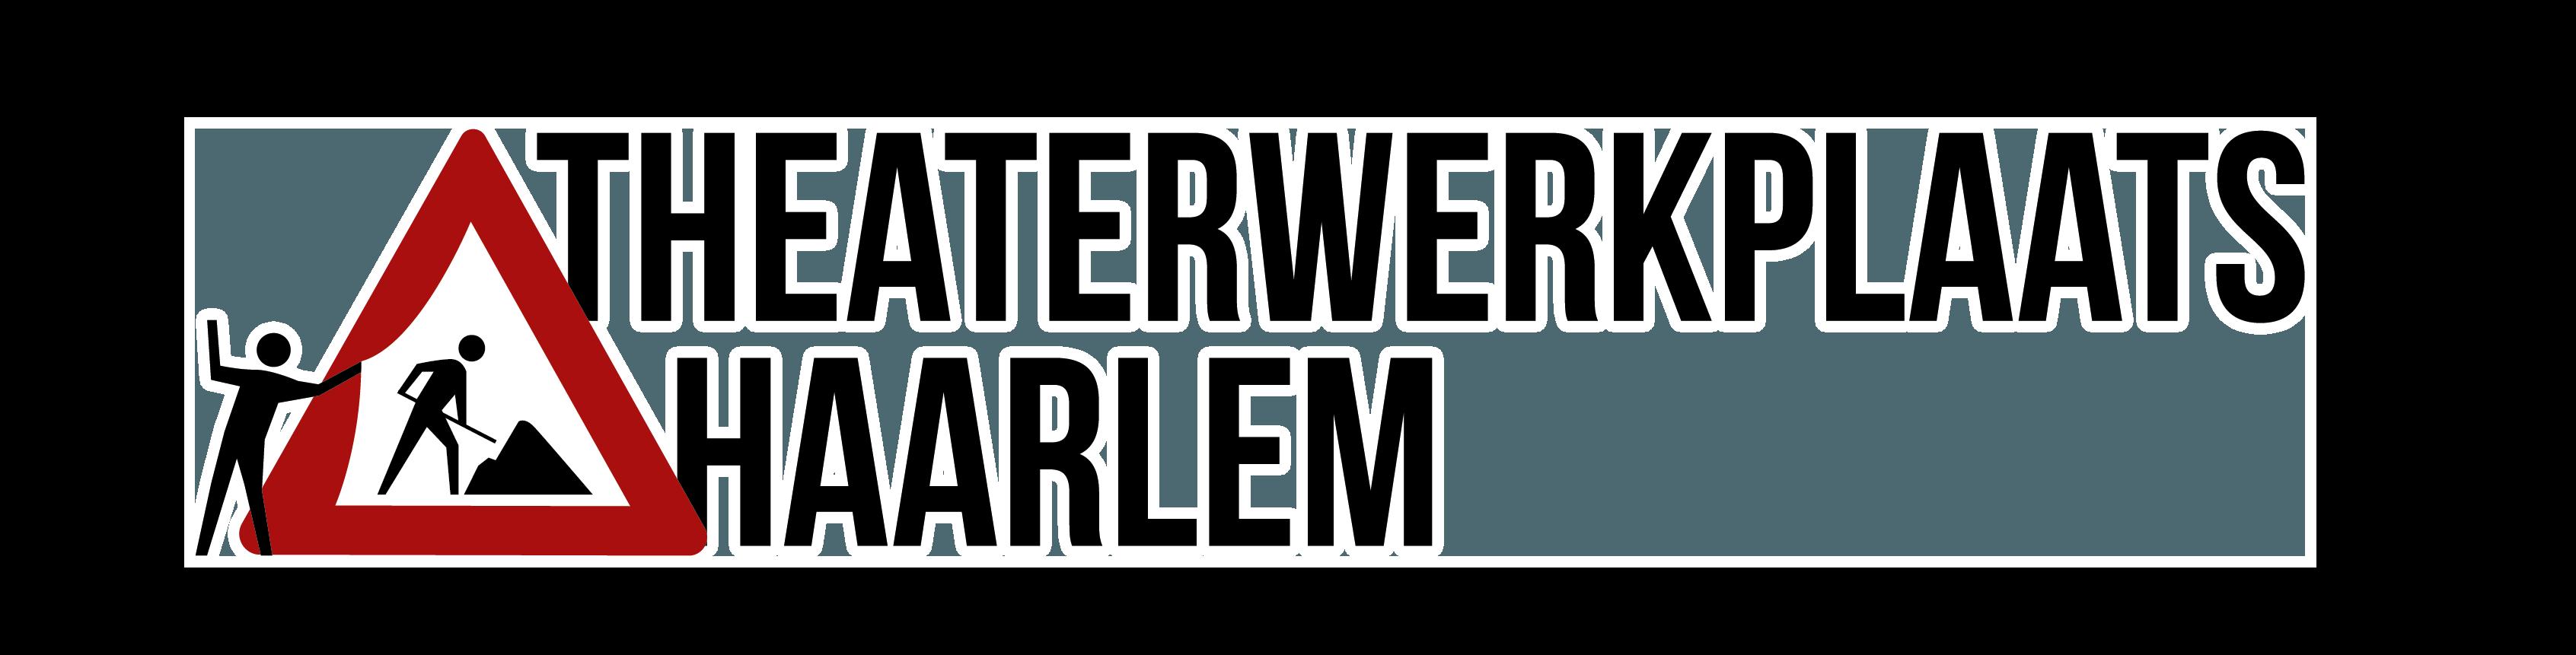 Theaterwerkplaats Haarlem